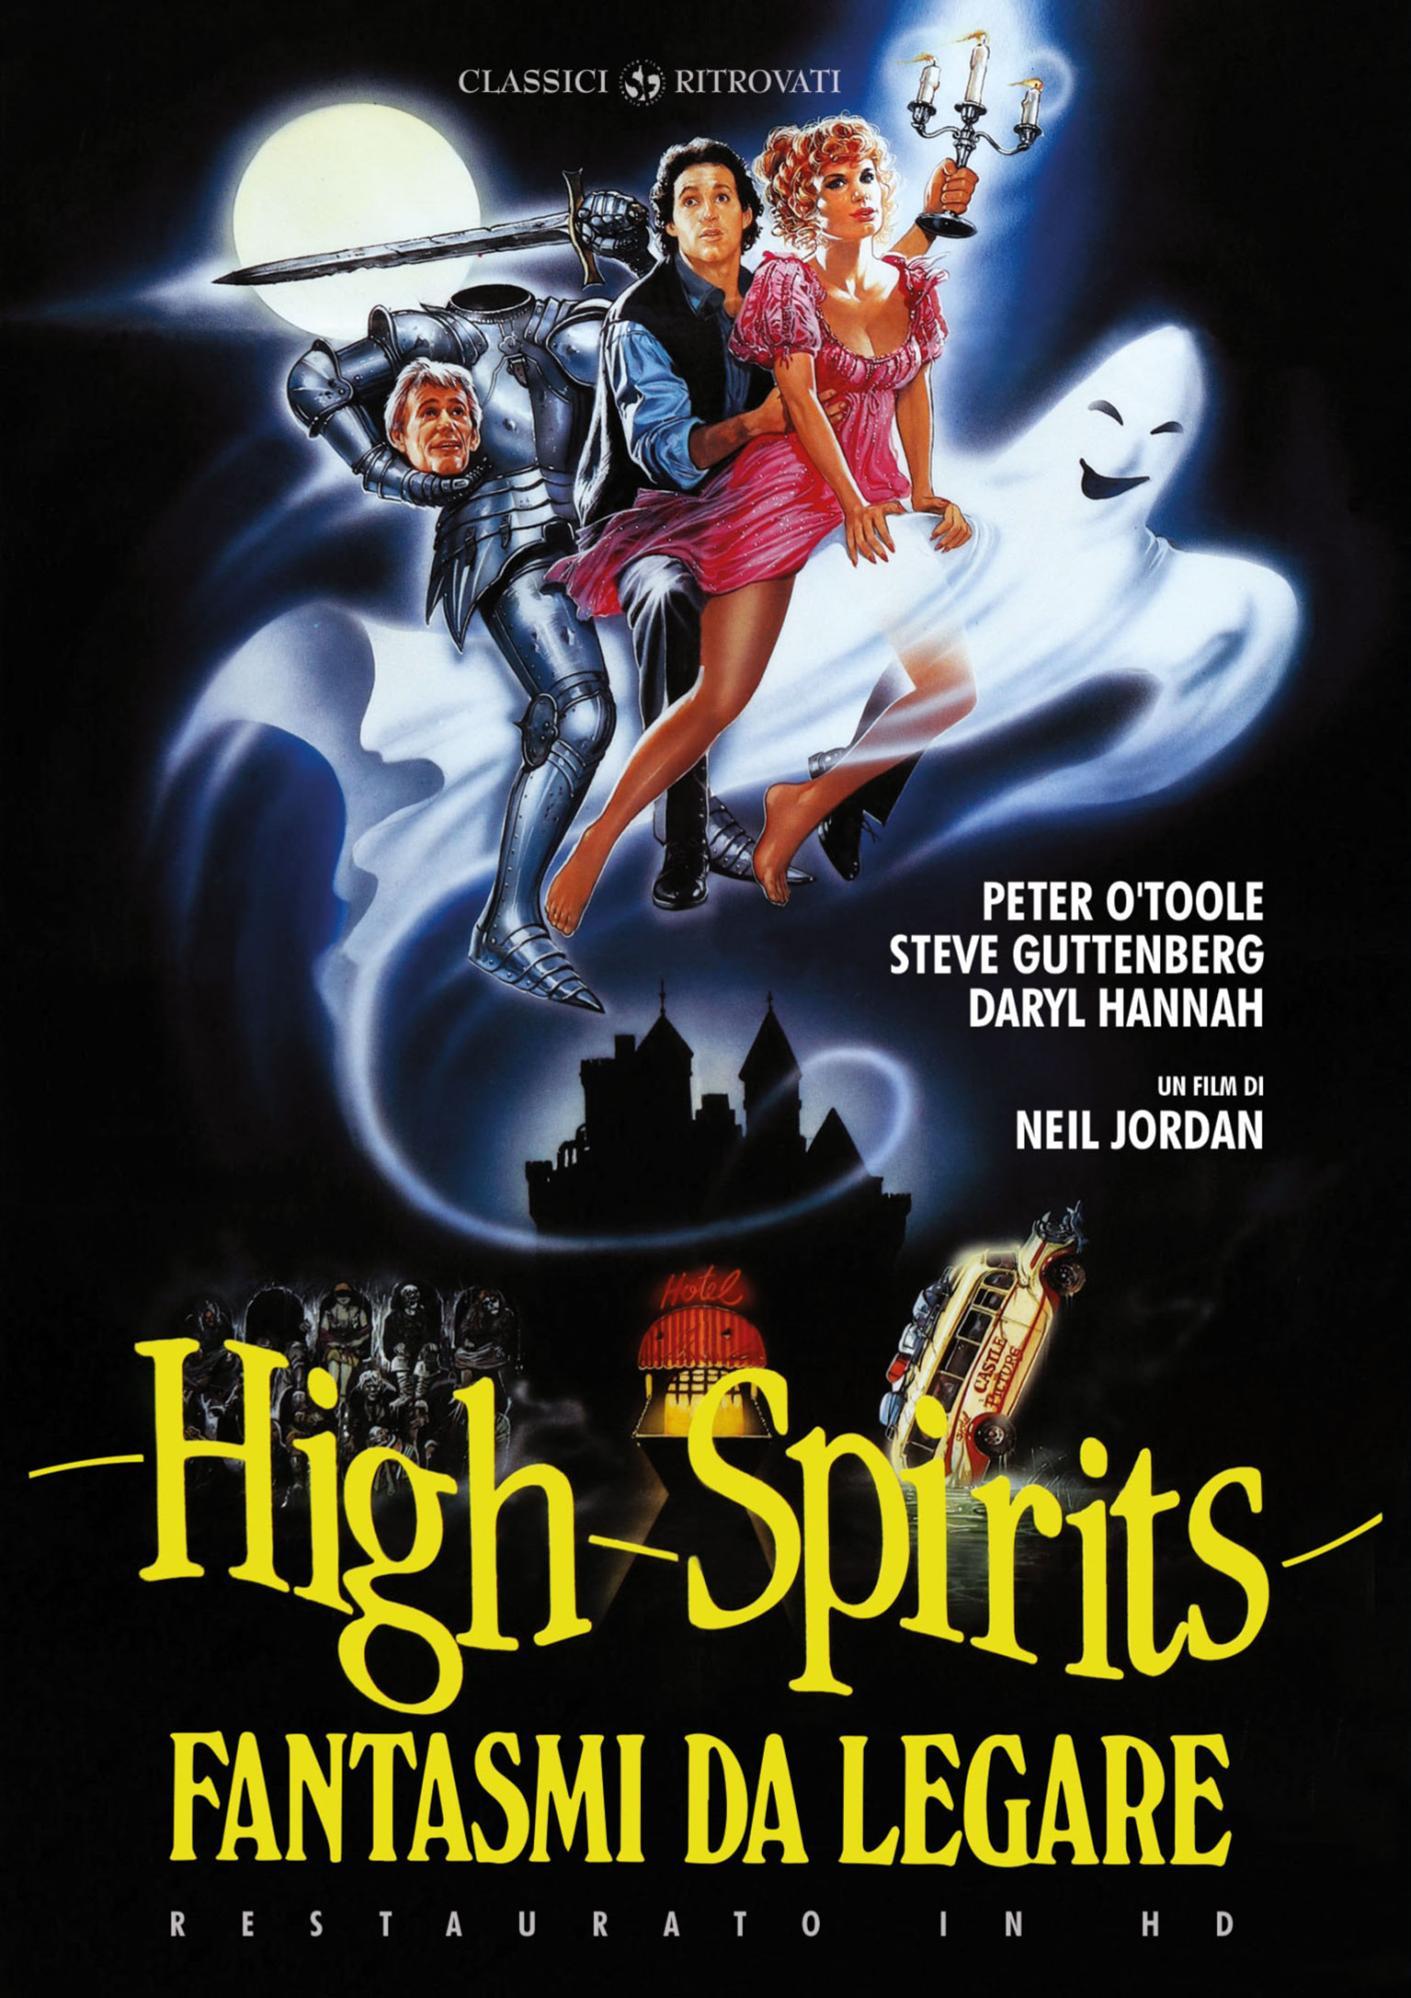 HIGH SPIRITS - FANTASMI DA LEGARE (RESTAURATO IN HD) (DVD)